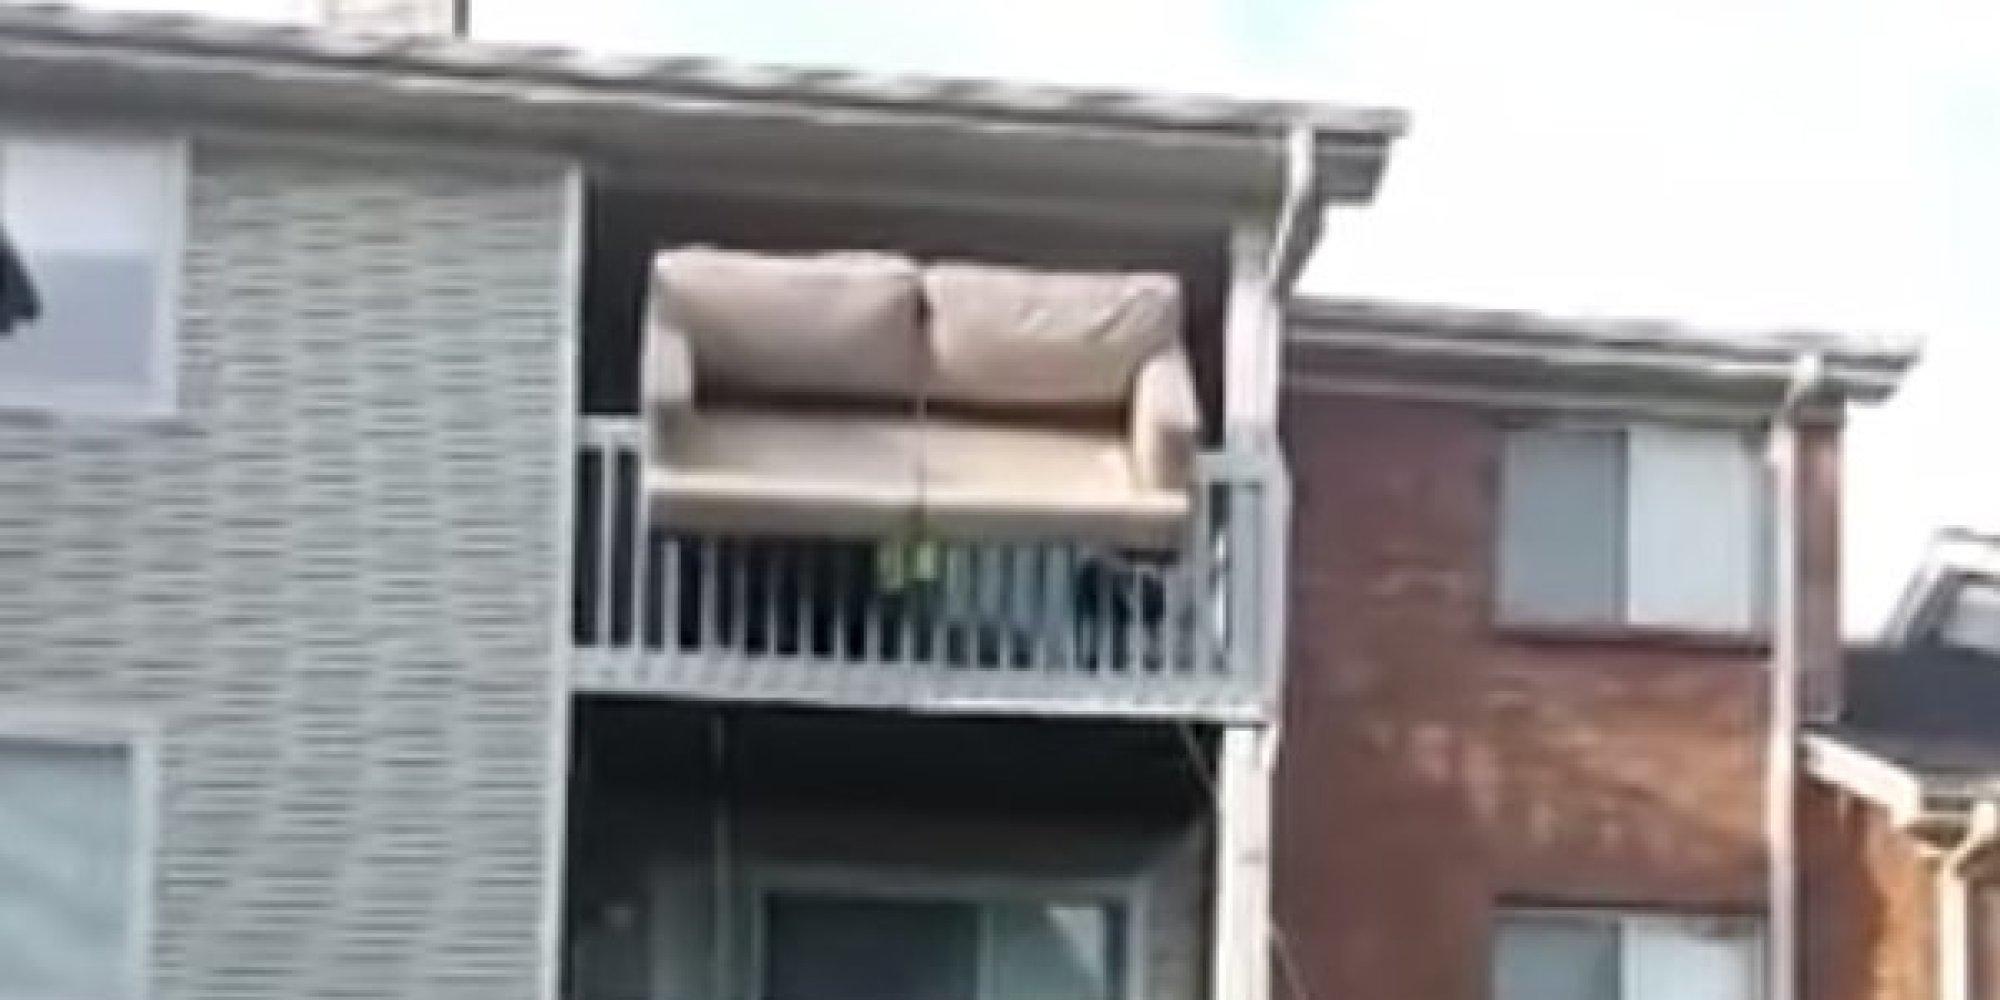 Third Floor Apartment Hacks